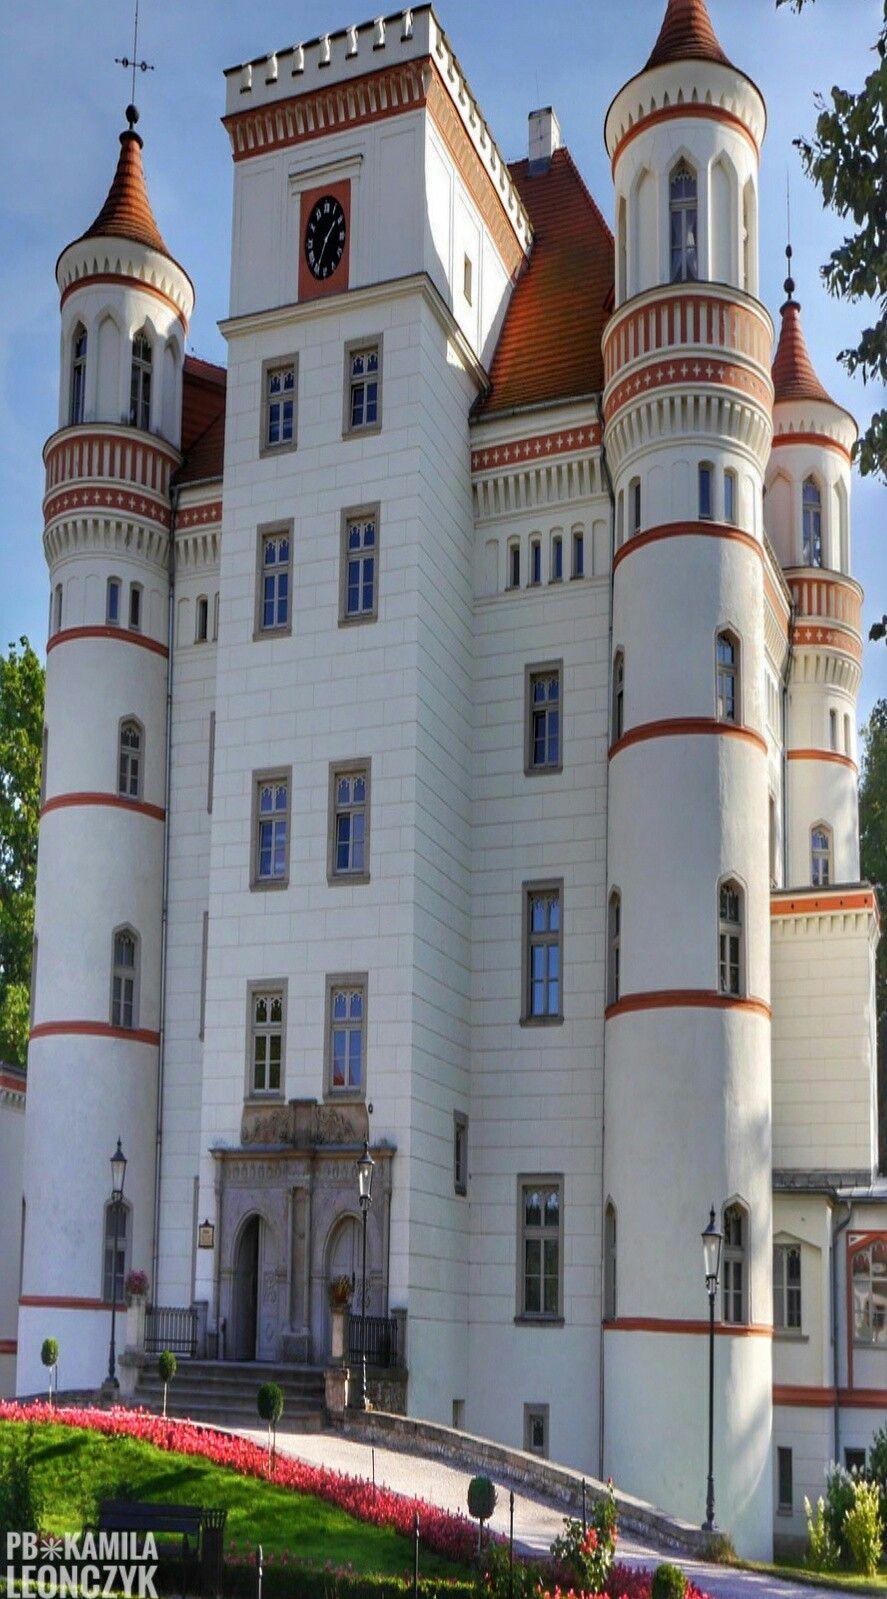 Palace in Wojanów Poland